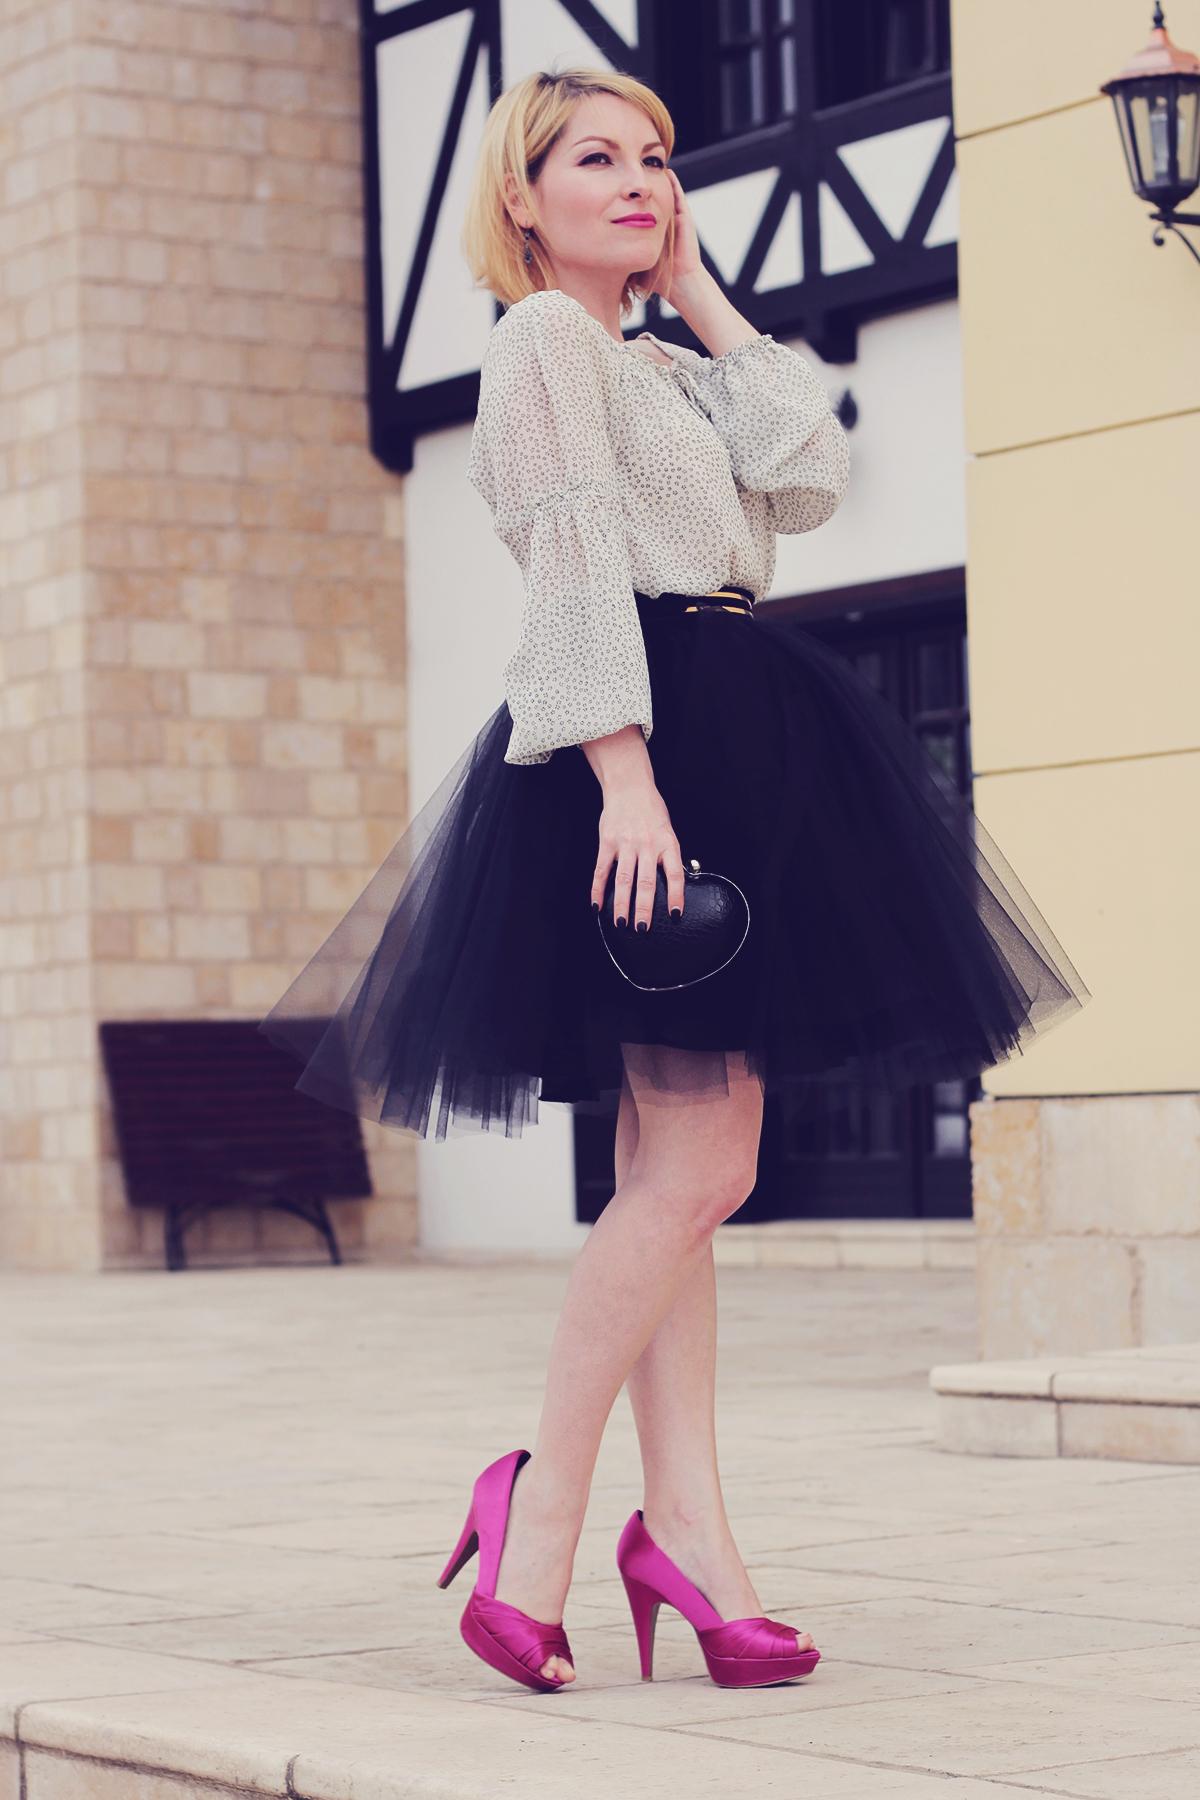 e0962c018 Cómo combinar una falda campana de tul negra (4 looks de moda ...